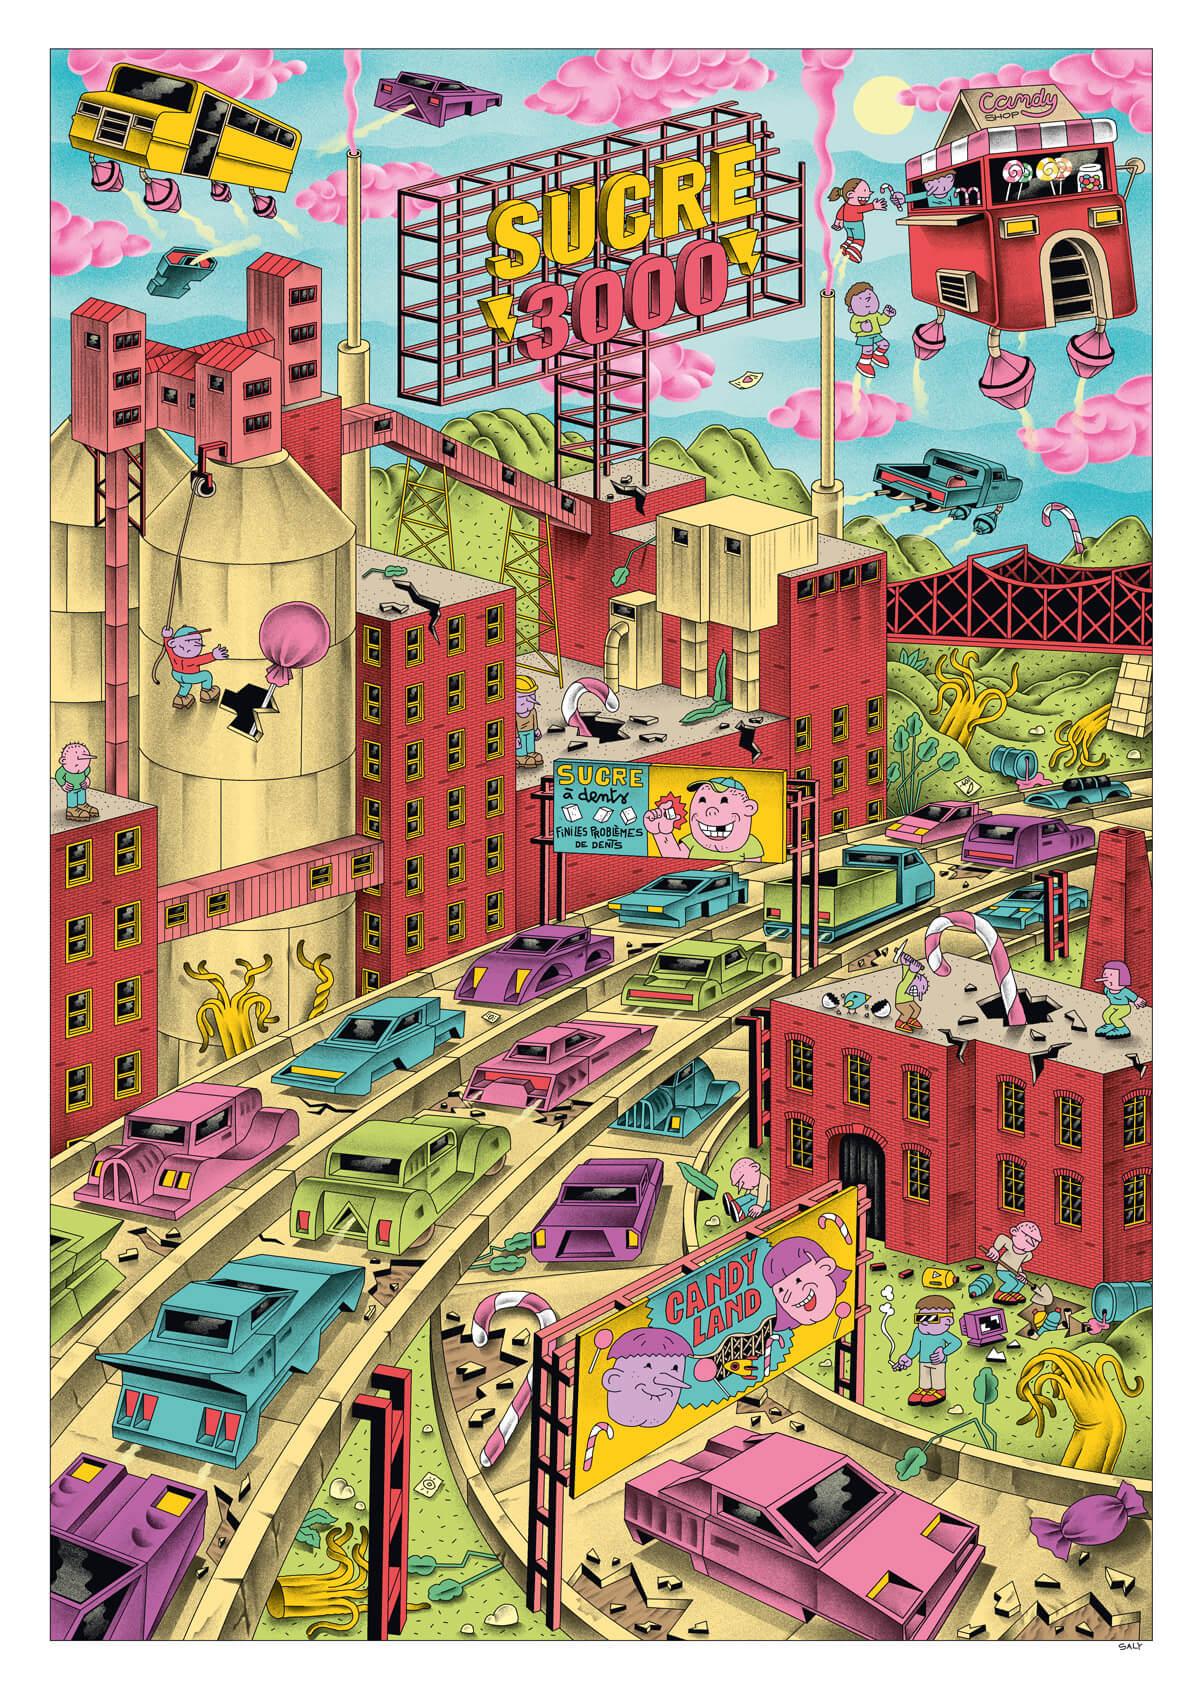 aureliensaly-aurelien-saly-illustration-usine-de-sucre